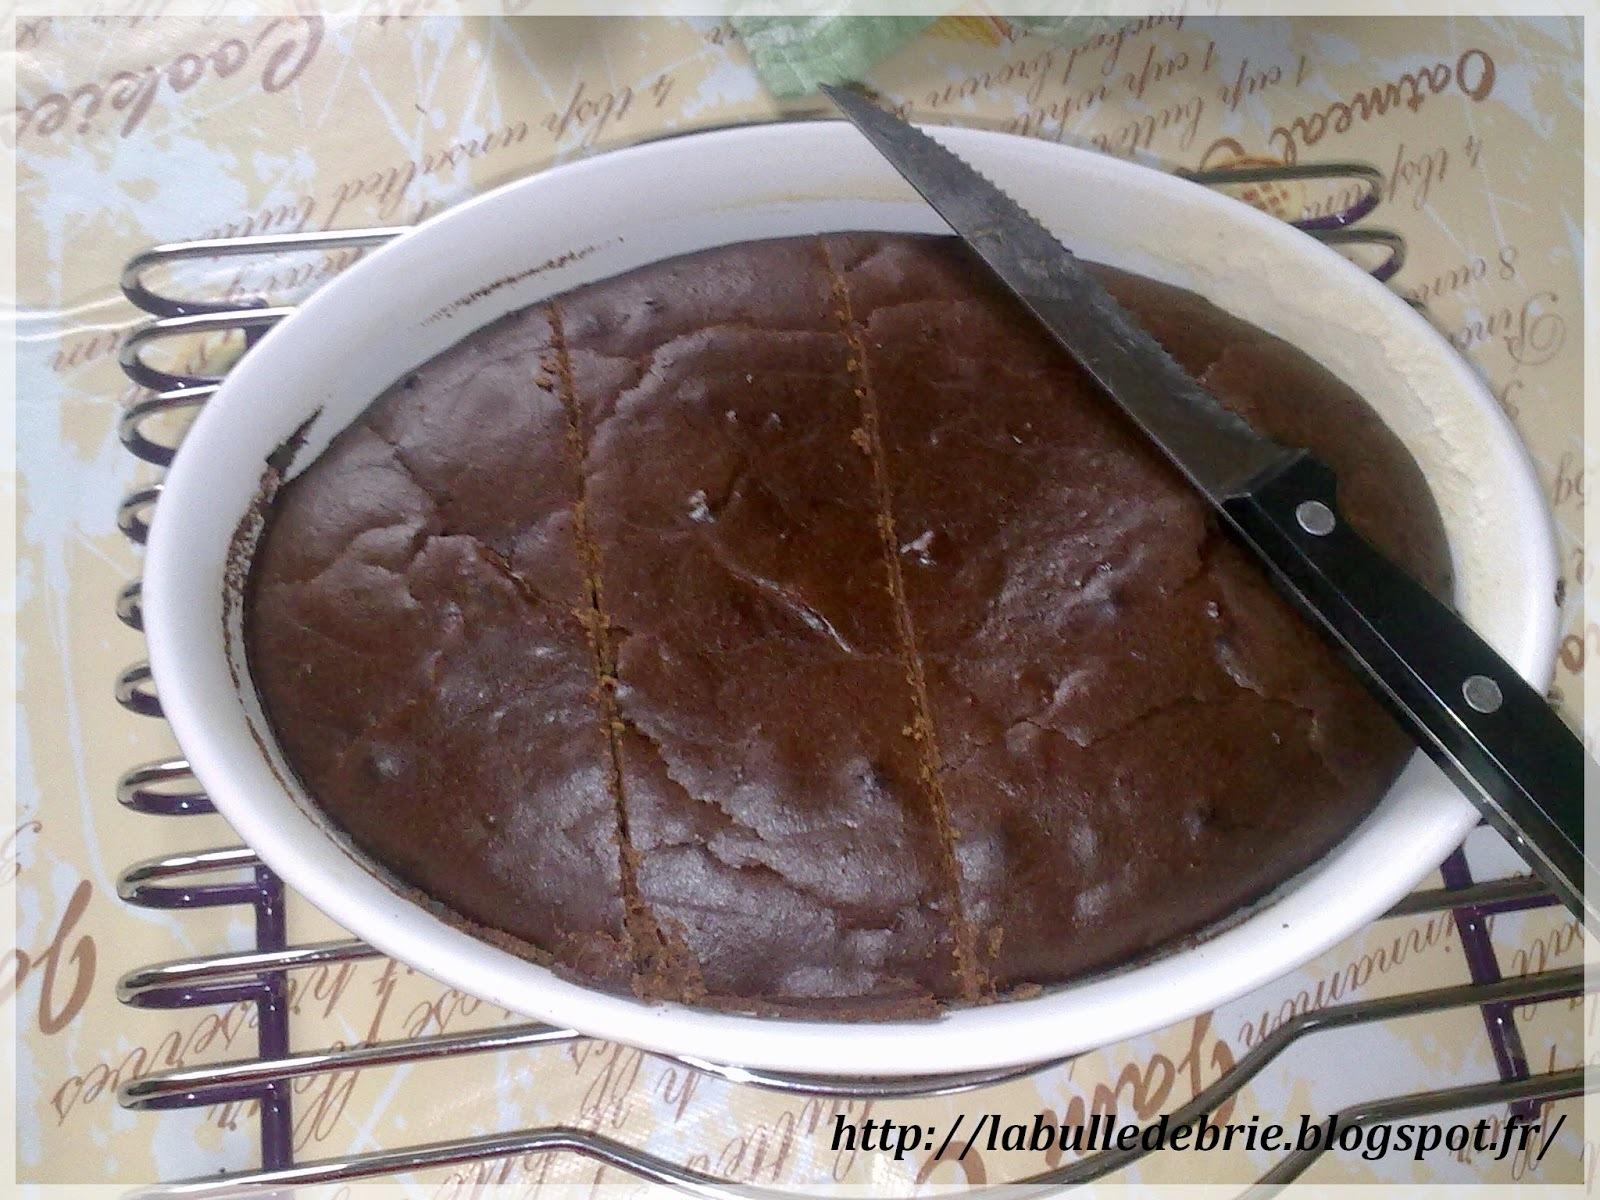 Fondant chocolat noir & dattes